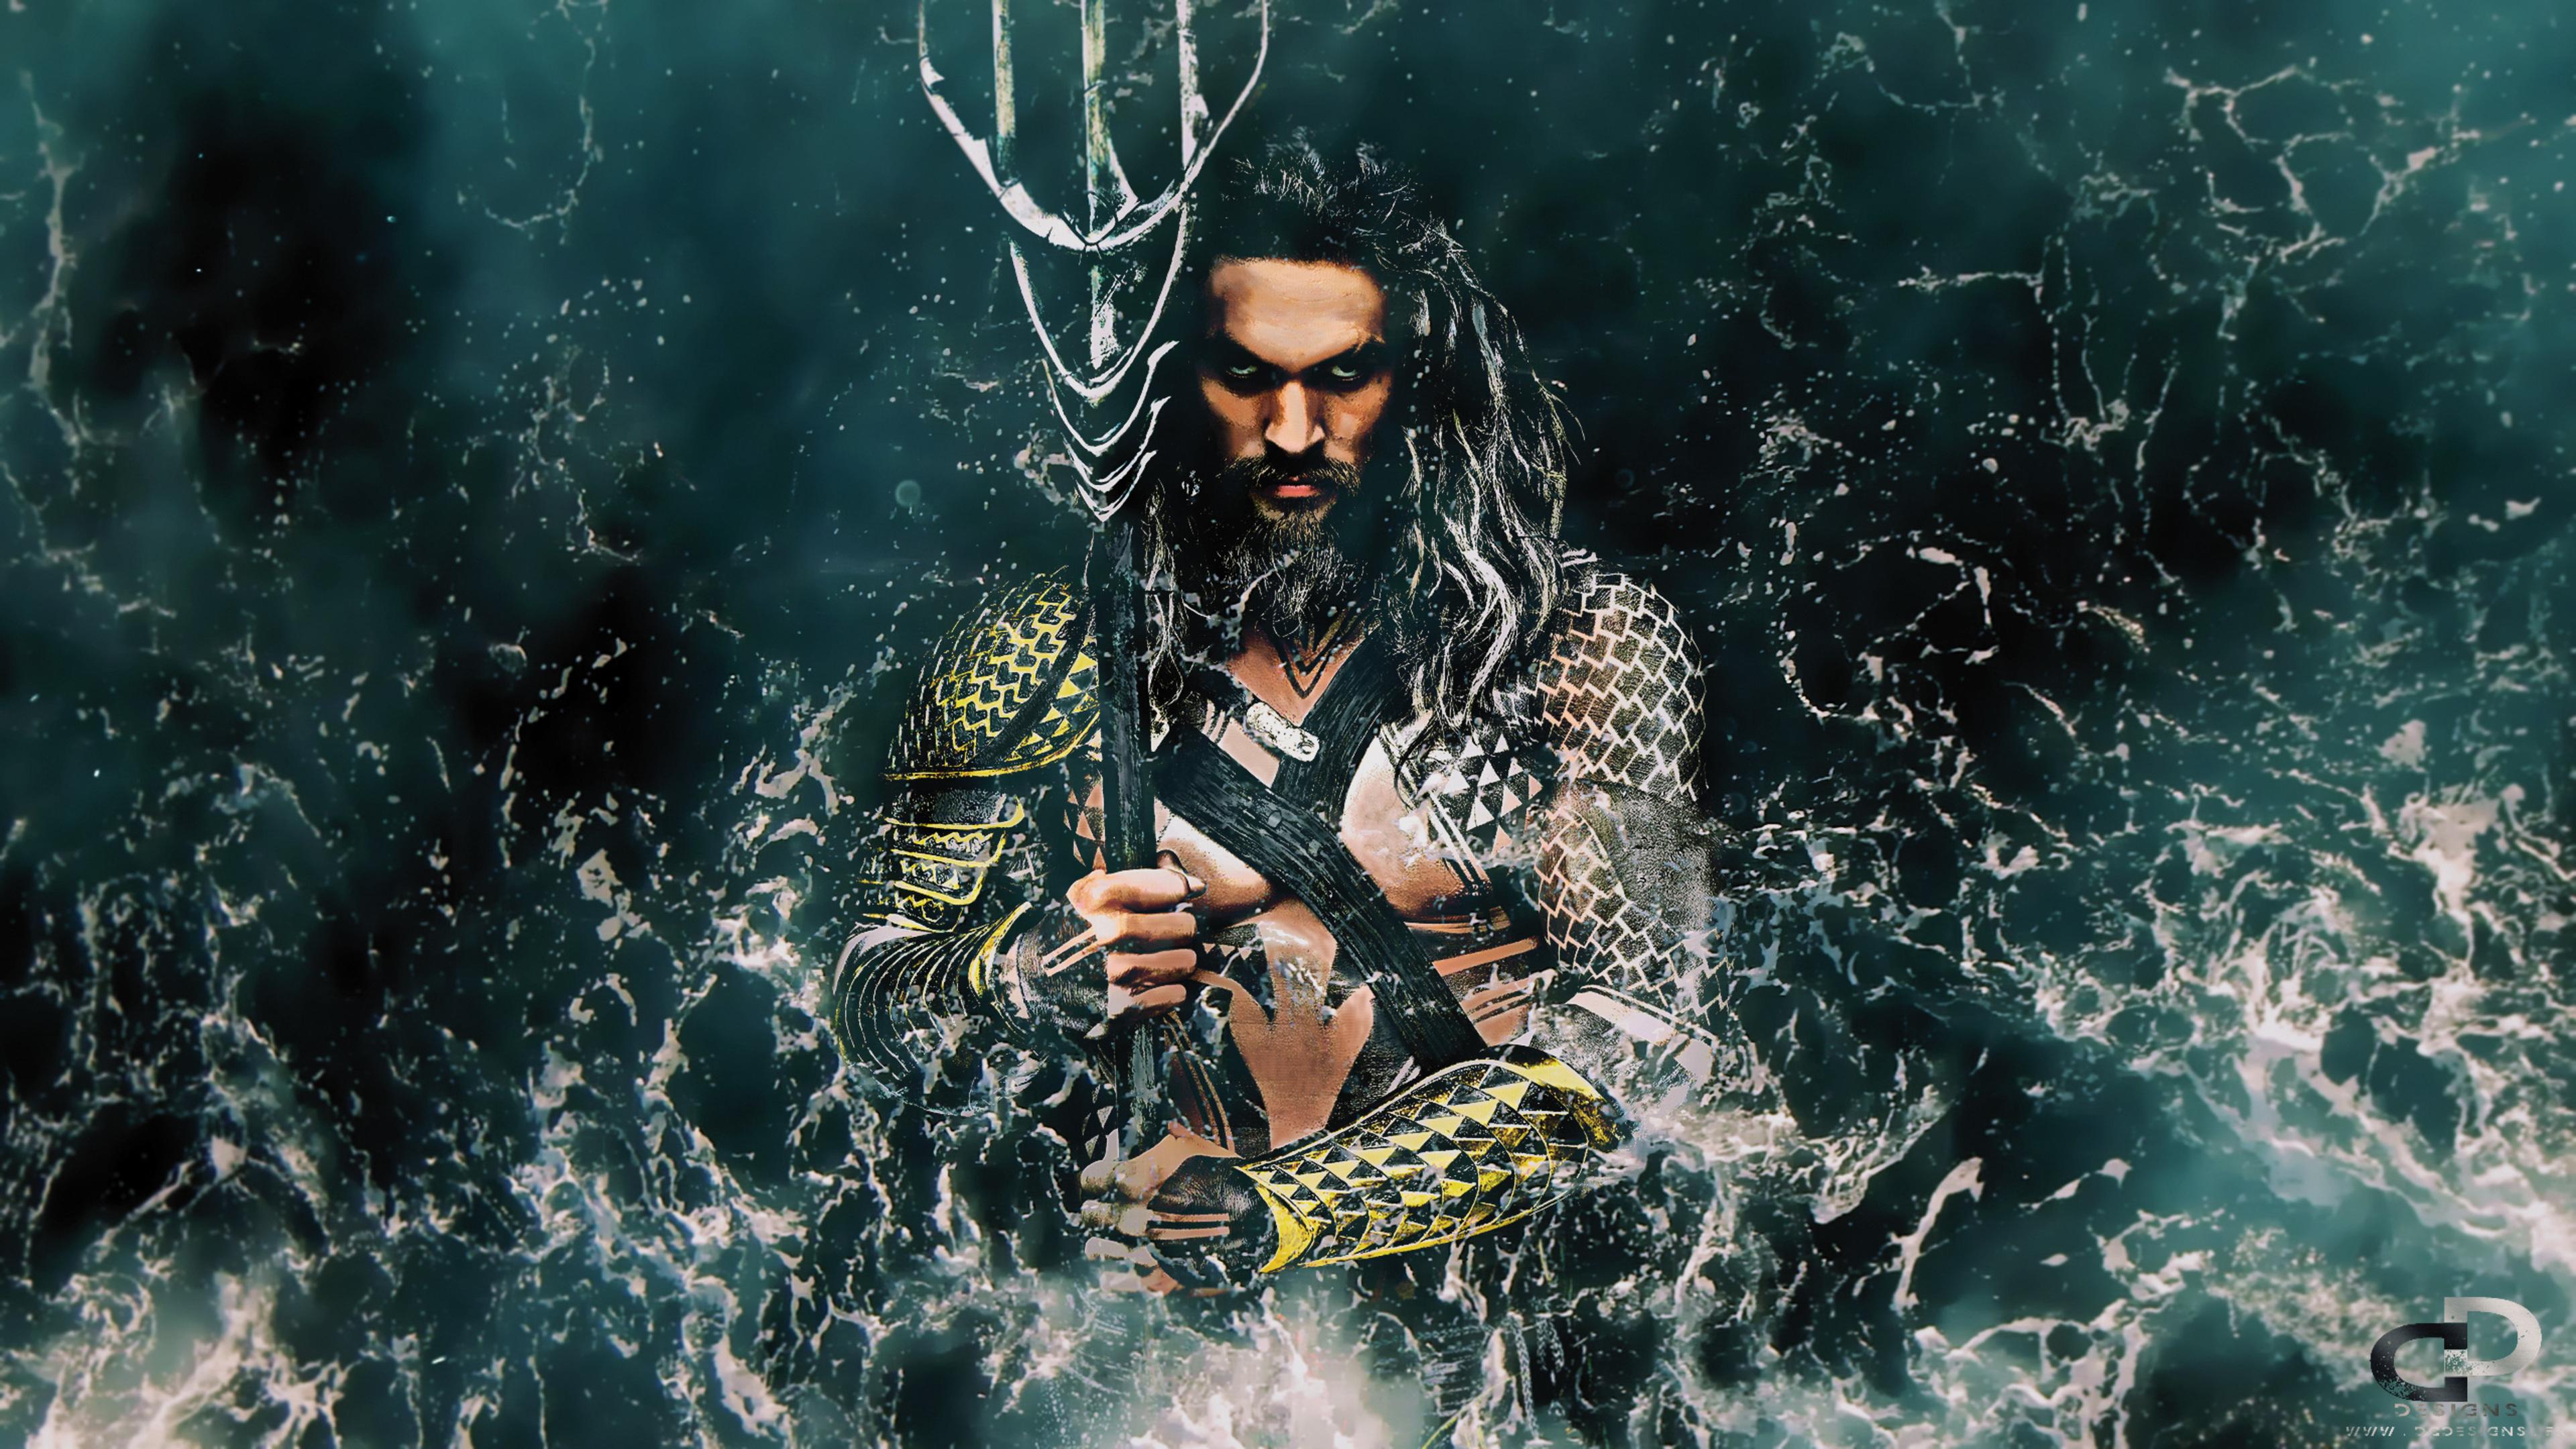 aquaman movie sq 3840x2160 - Aquaman movie 2018 4k - aquaman wallpapers hd, Aquaman movie 2018 4k wallpapers, aquaman hd wallpapers 2018